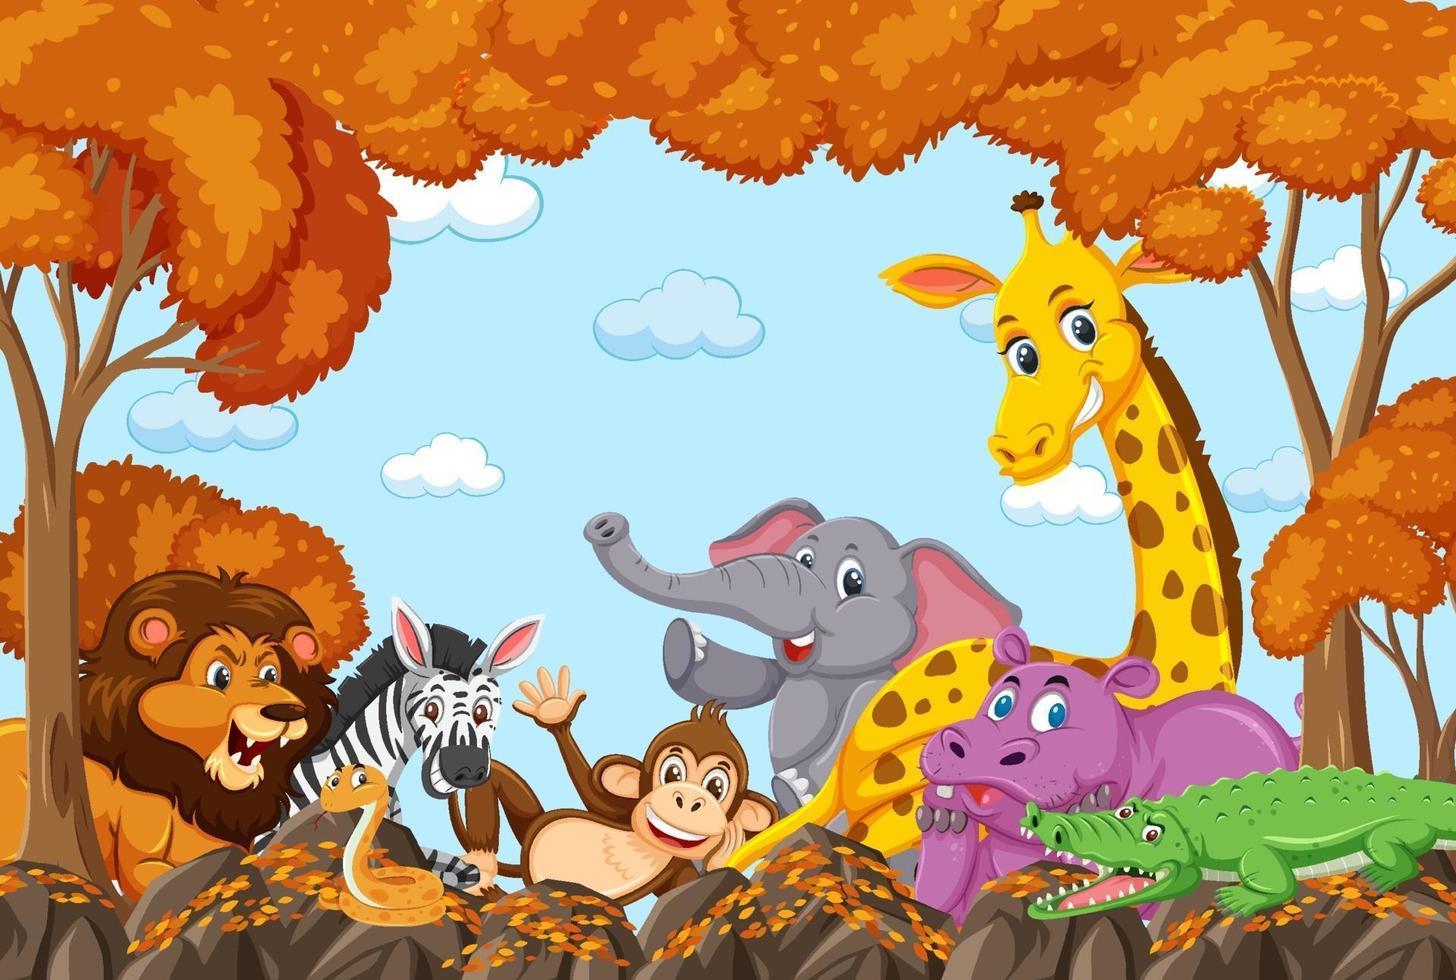 grupo de animales salvajes en la escena del bosque de otoño vector